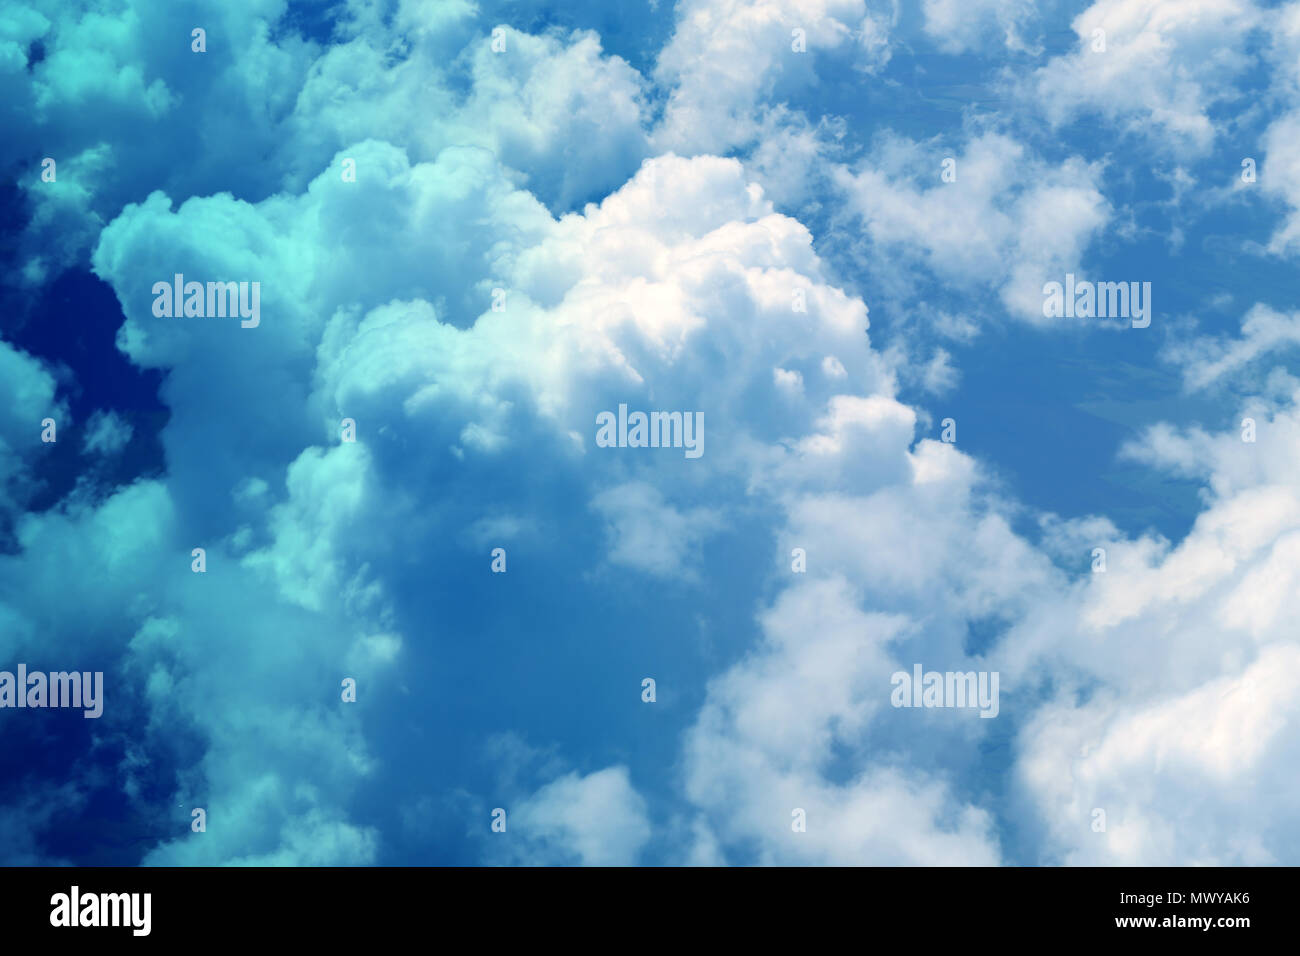 Foto Di Sfondo Bianco Brillante Grandi Nuvole Sul Cielo Blu Foto